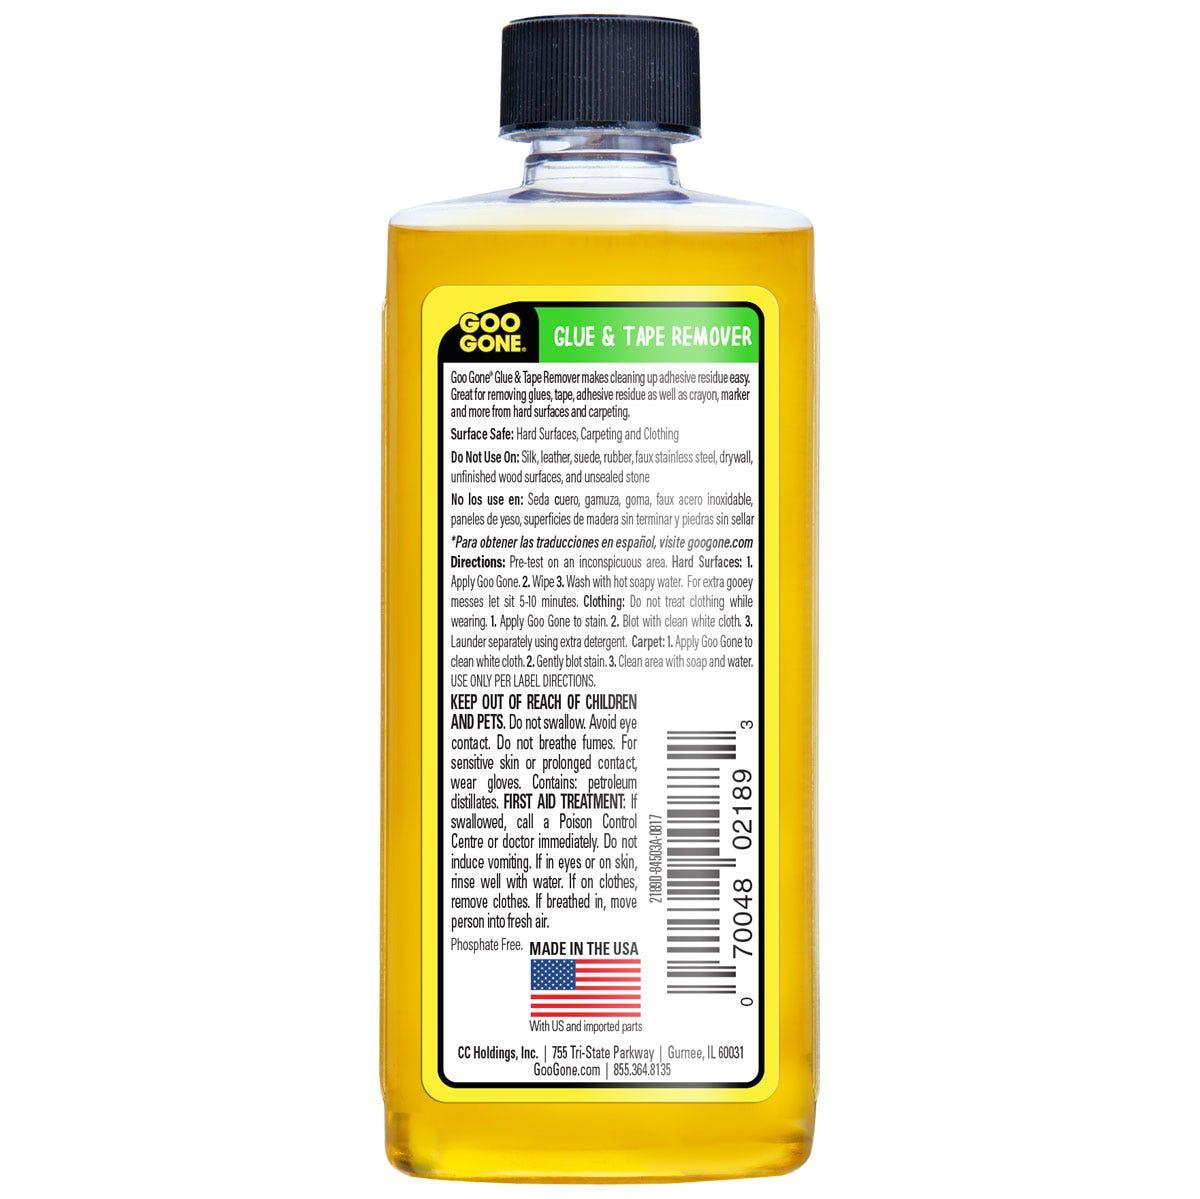 https://googone.com/media/catalog/product/g/o/goo-gone-glue-remover_back.jpg